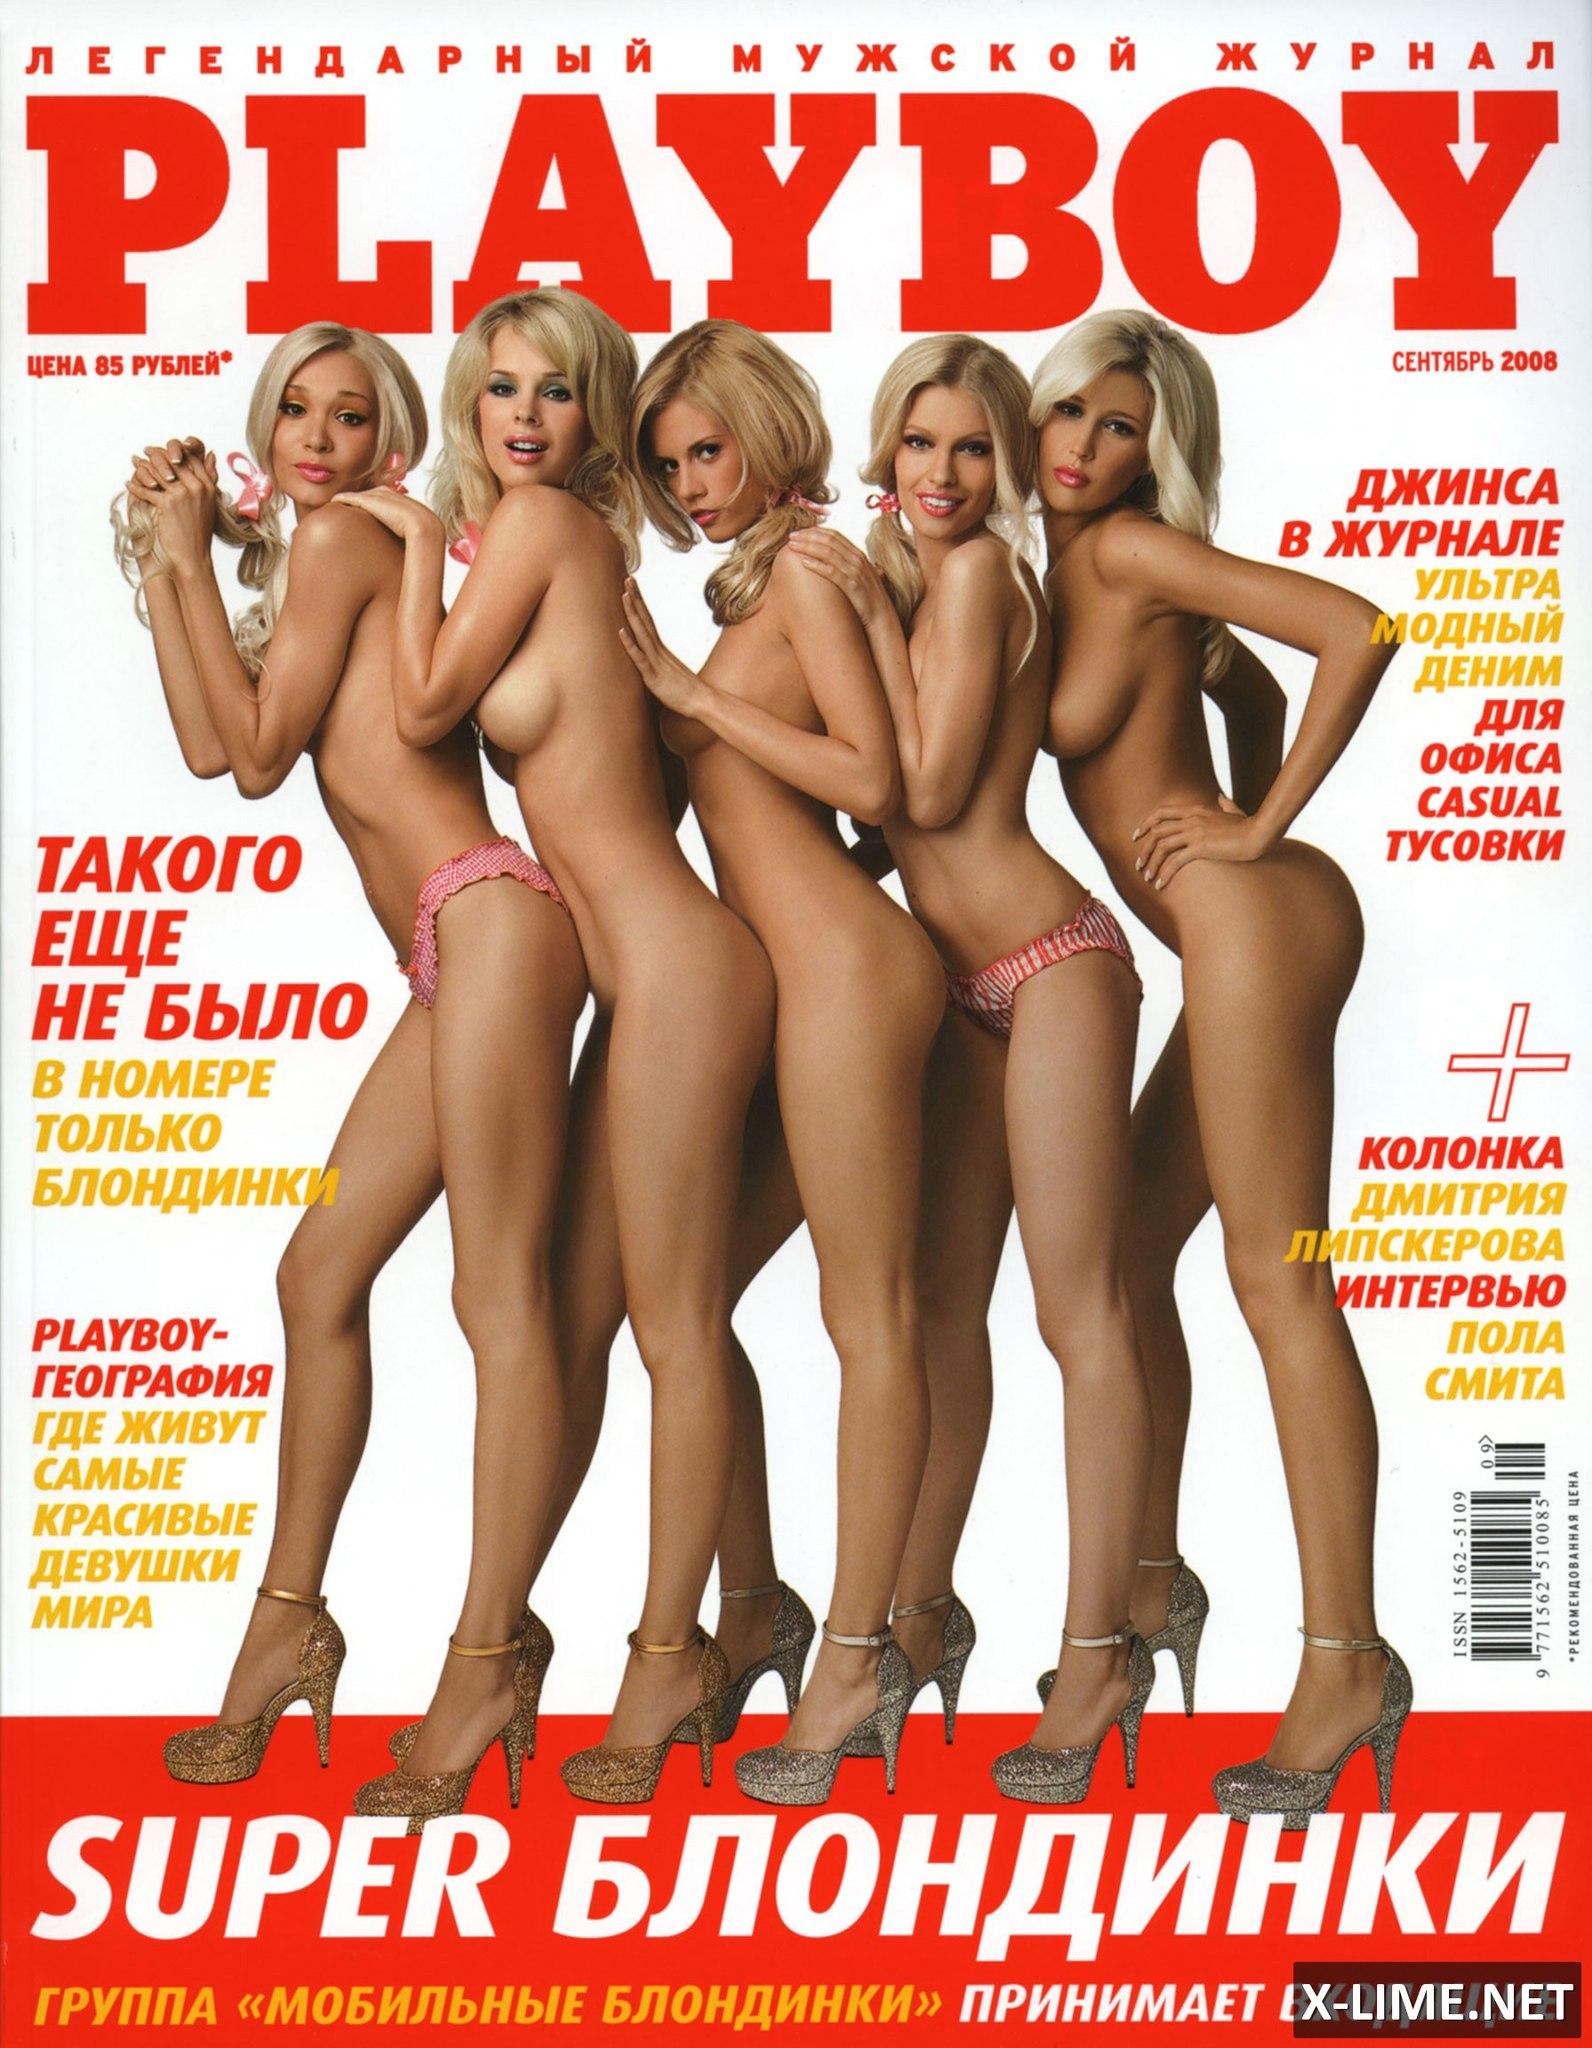 Чудовищного сооружения журнал с голыми бабами